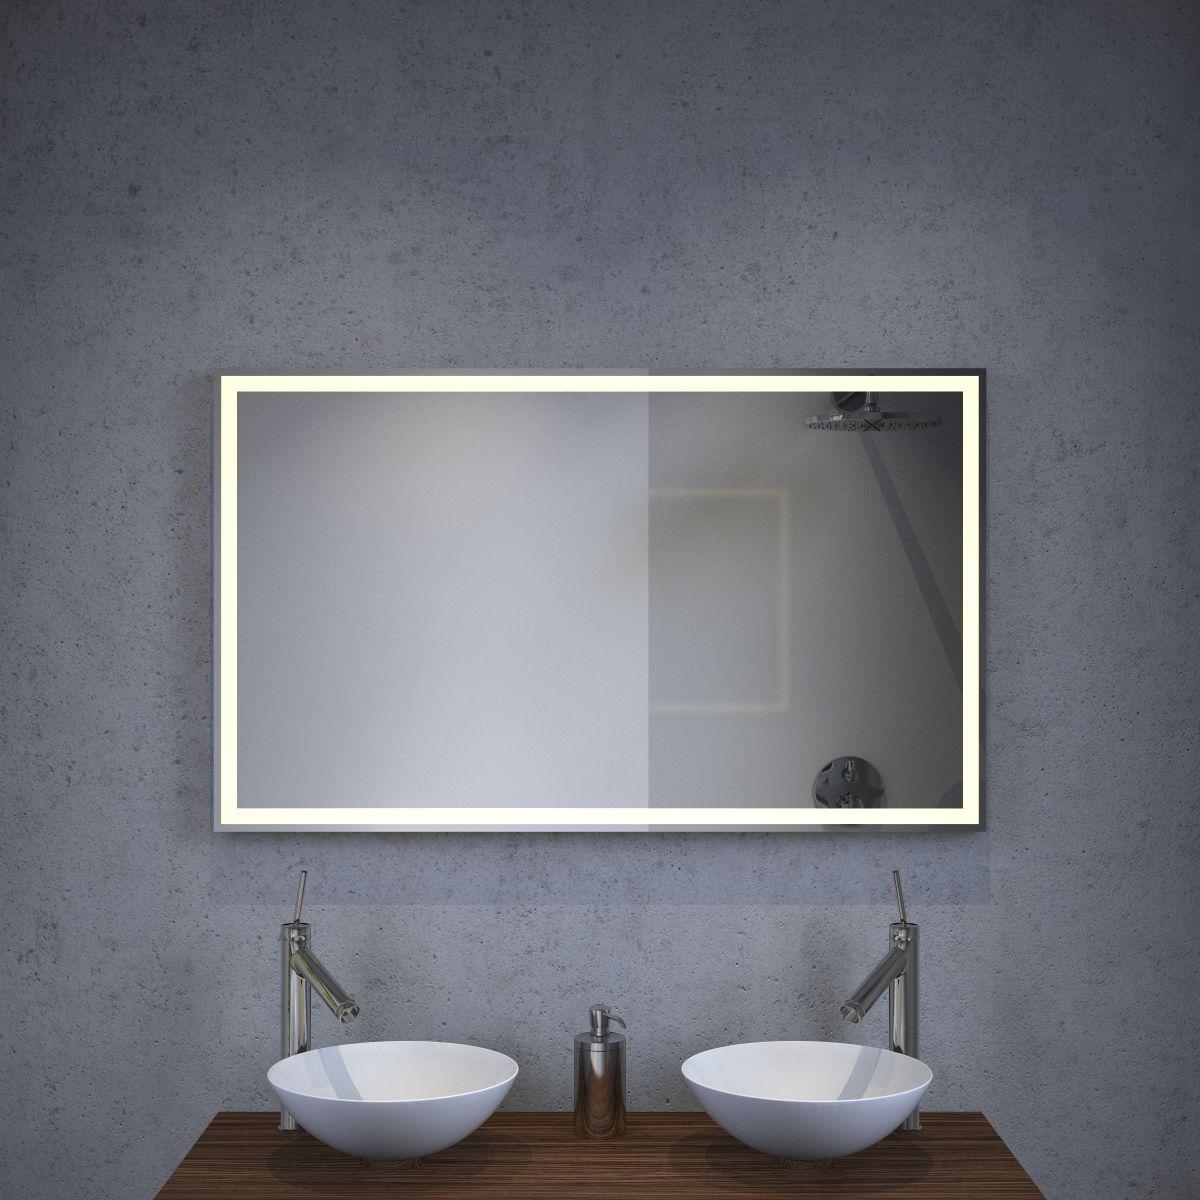 badkamer led spiegel met verwarming en sensor 100x60 cm designspiegels. Black Bedroom Furniture Sets. Home Design Ideas